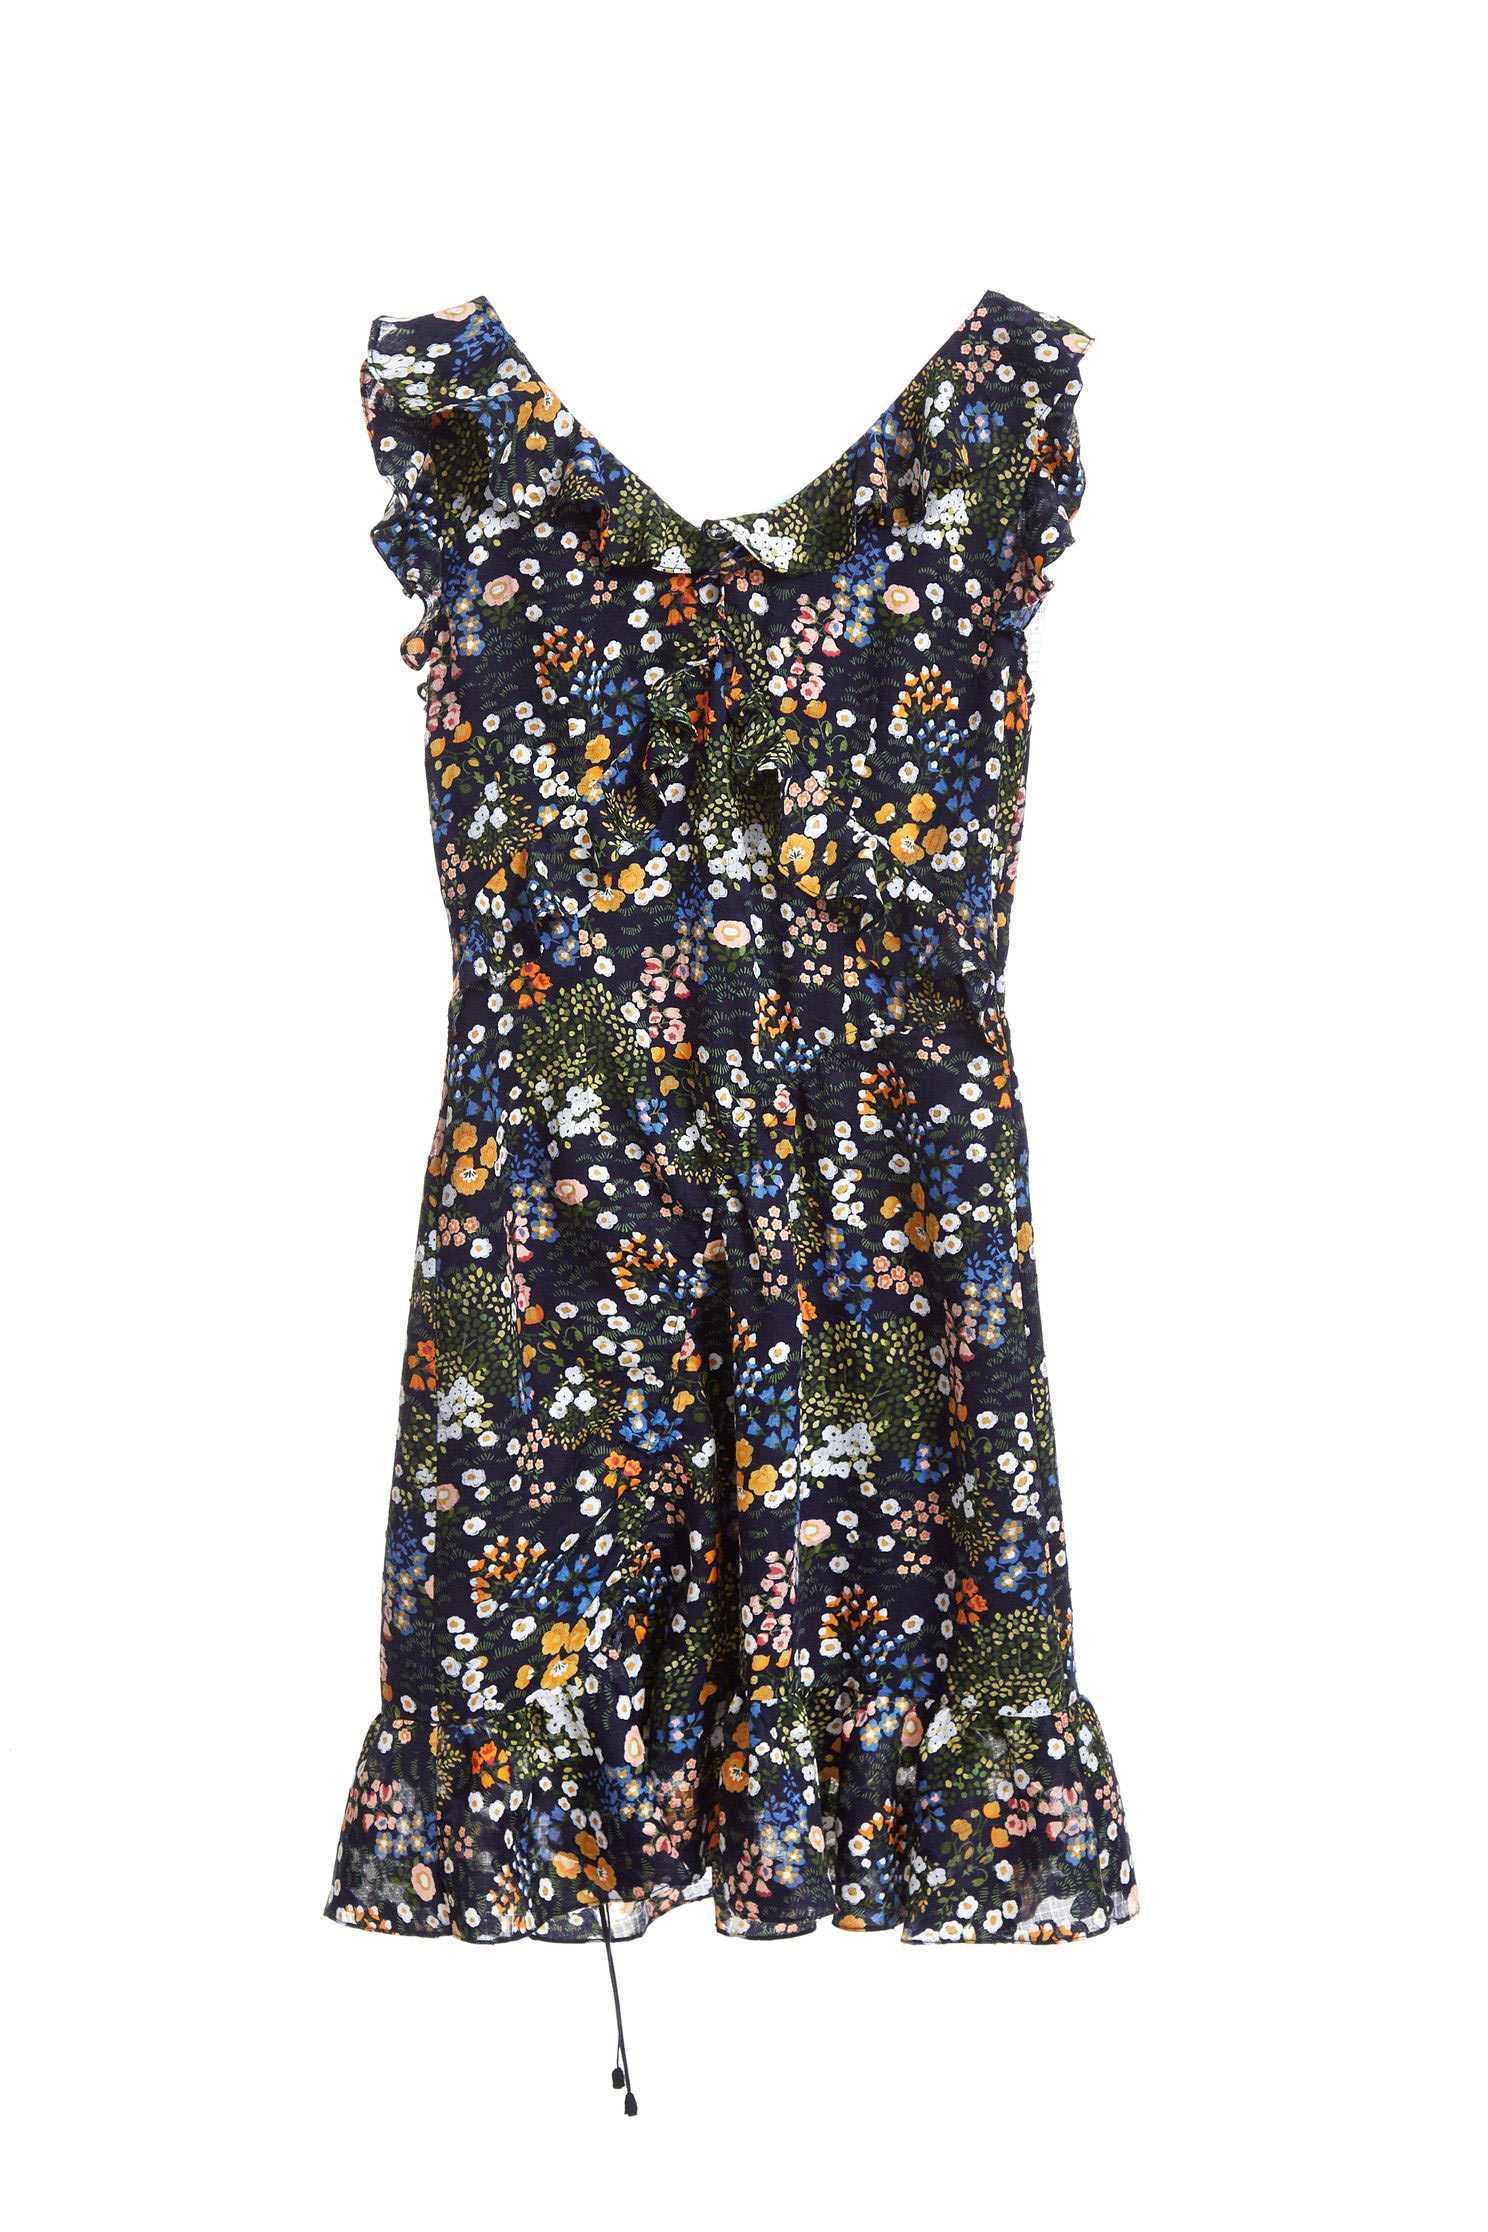 Vintage pattern fashion dress